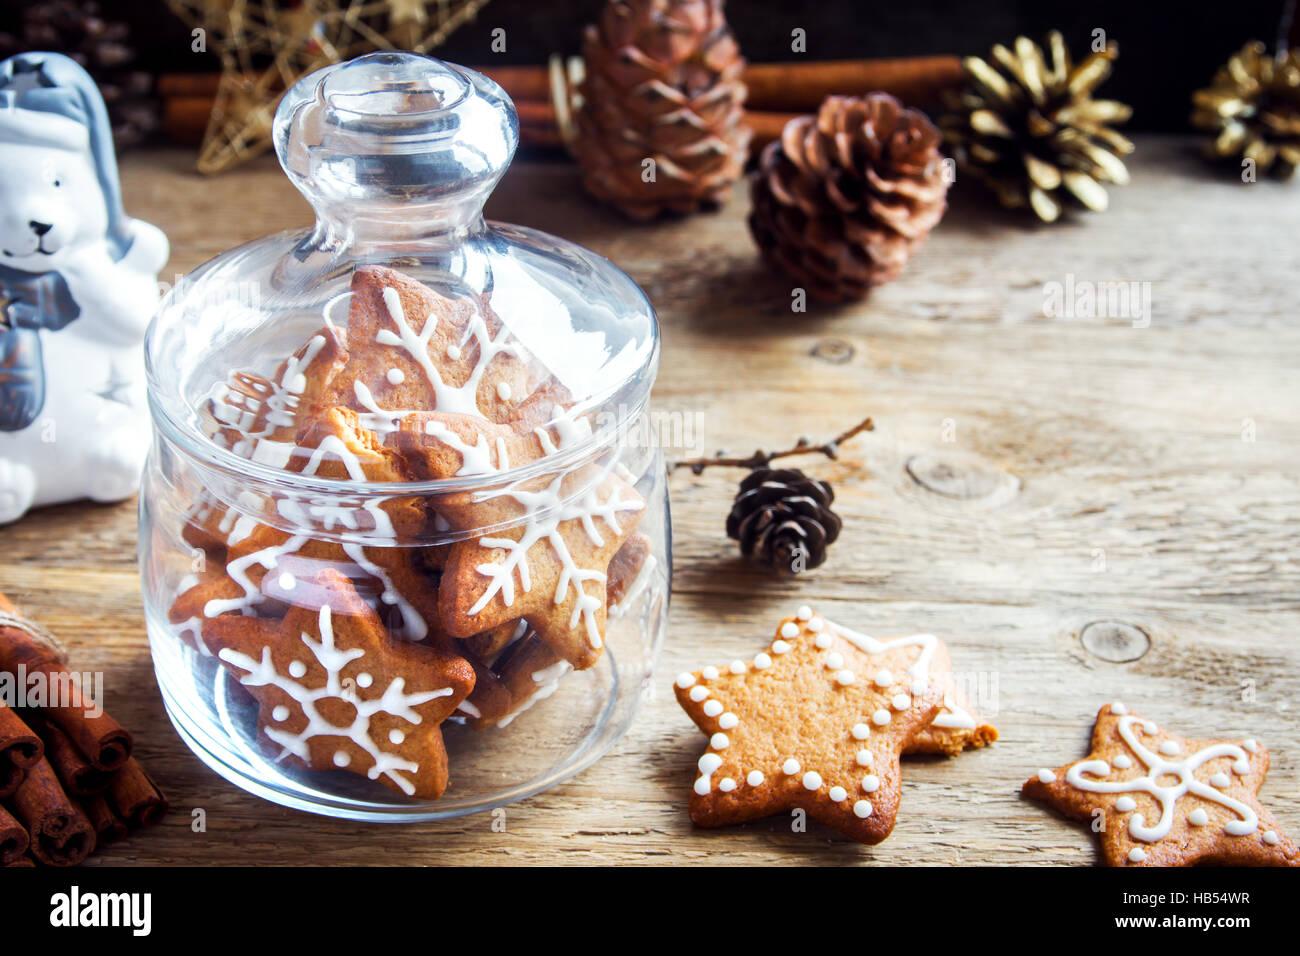 Weihnachten Lebkuchen In Glas Jar Uber Rustikalen Holztisch Mit